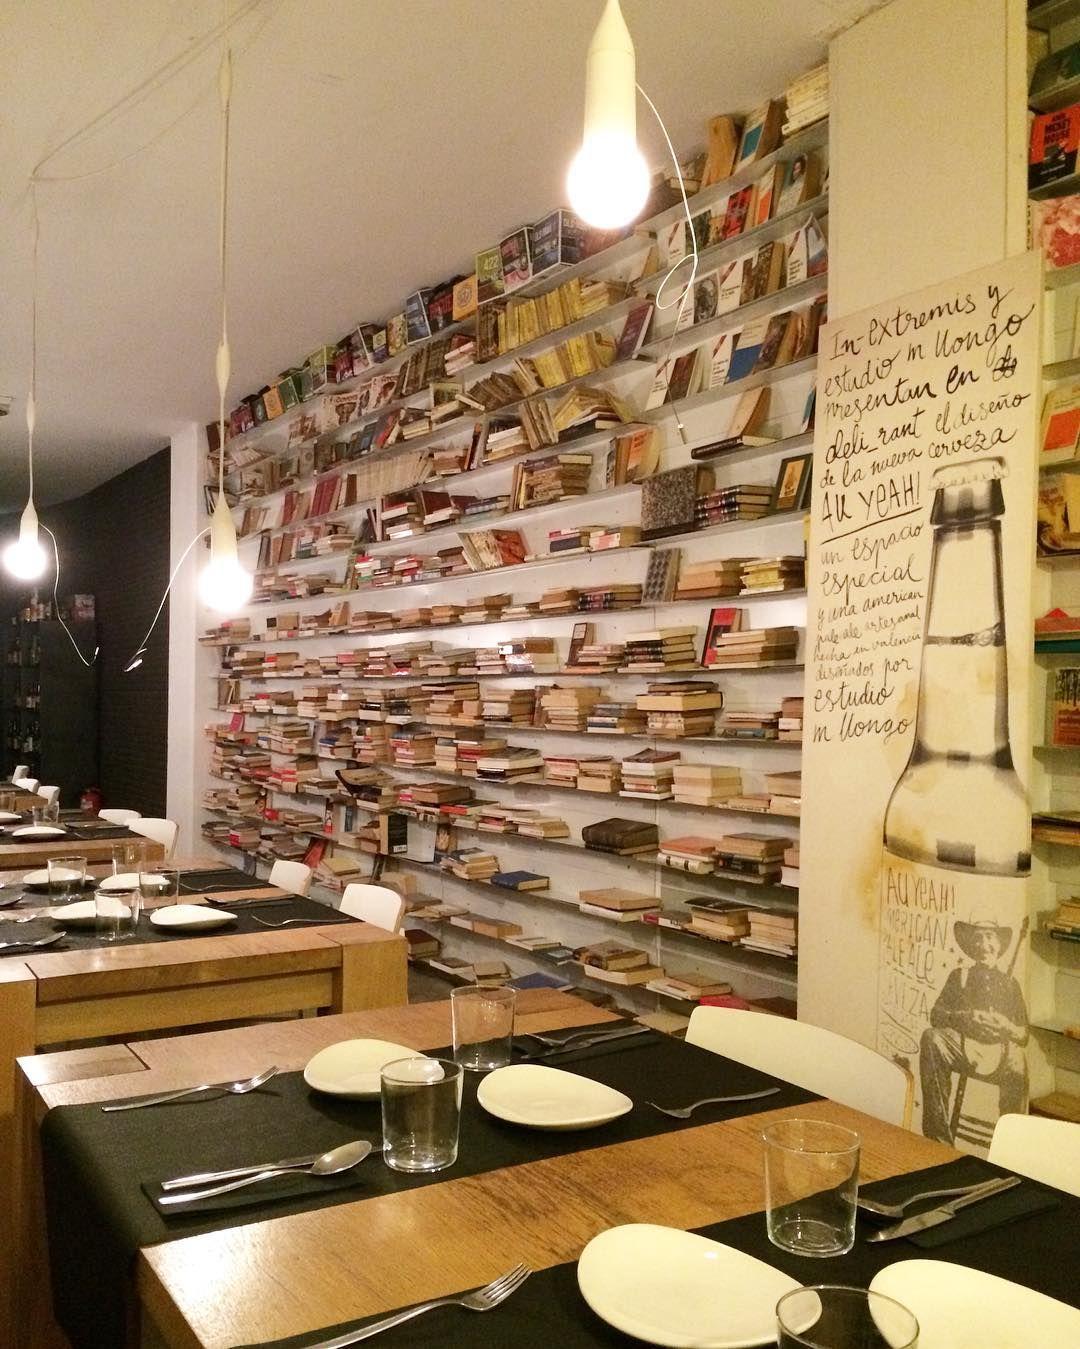 Hoy salimos a cenar. Me encanta la pared llena de libros. by cuadernodepili